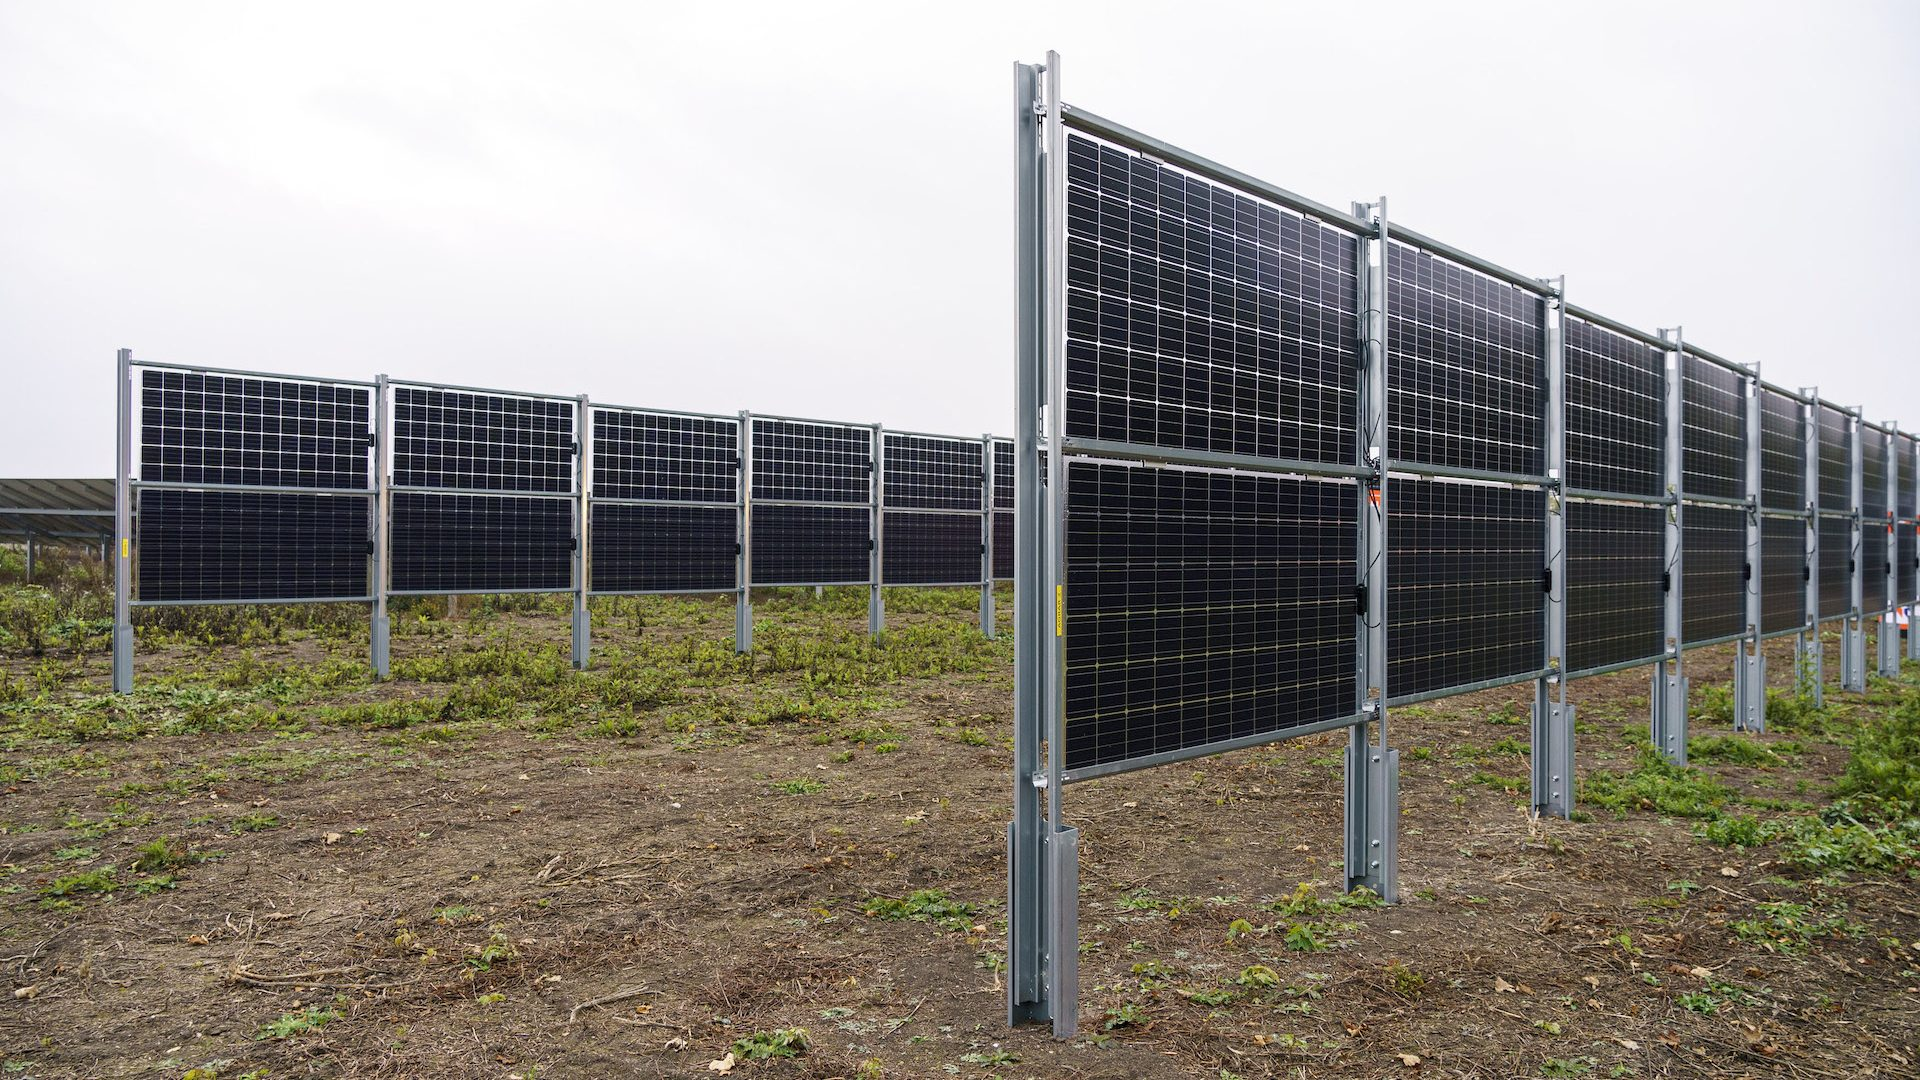 Abb.: Erste Agro-Photovoltaikanlage mit dem Next2Sun-Konzept in Gutramsdorf (Österreich)